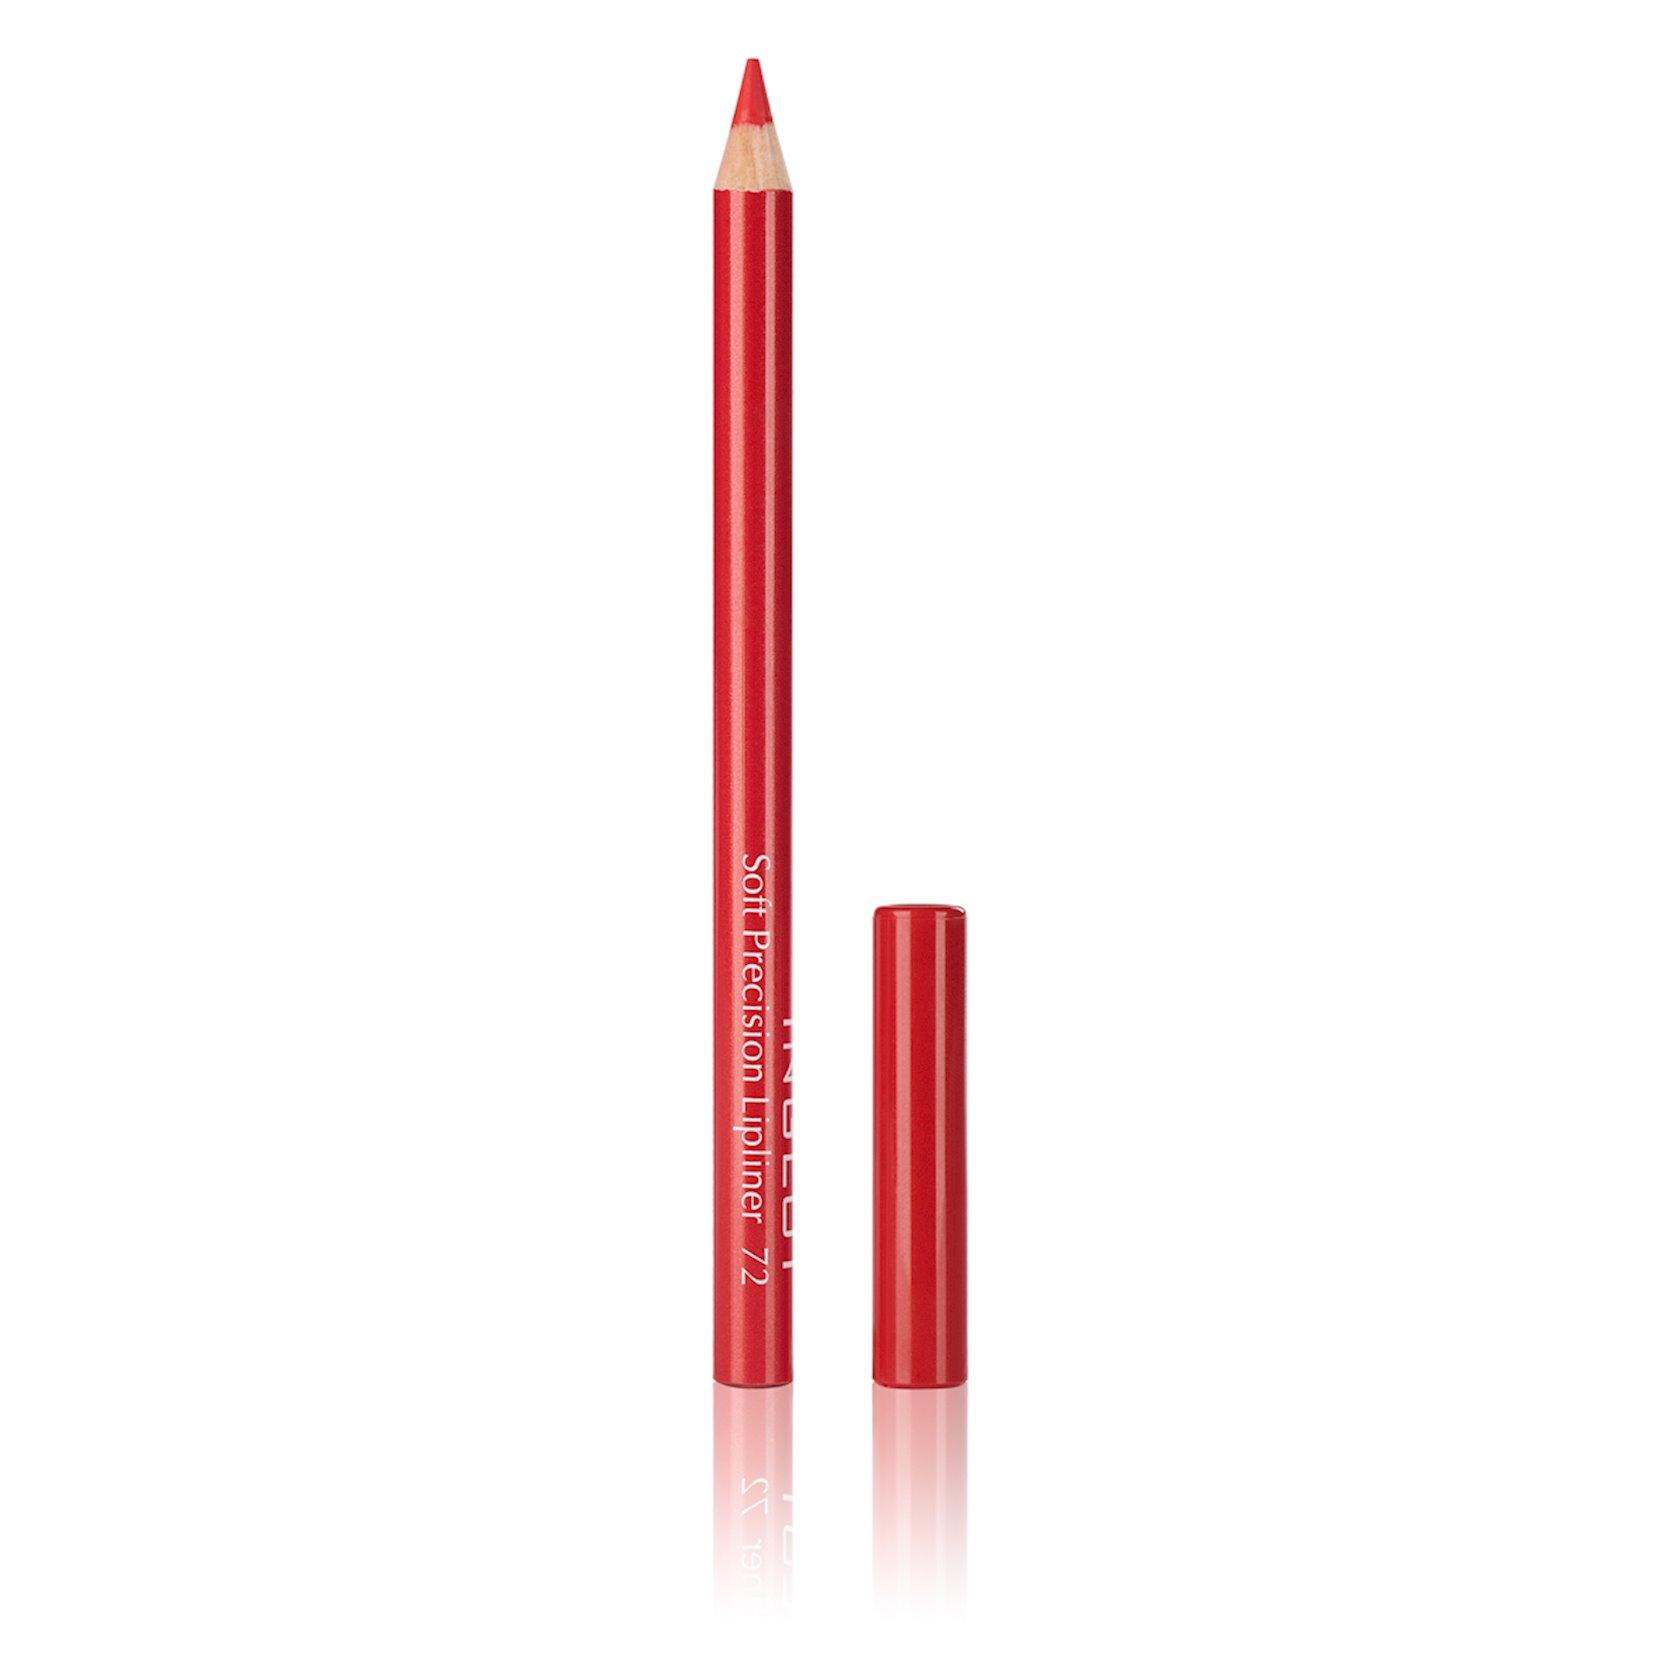 Dodaq makiyajı üçün dəst Inglot Makeup Set for Lips Red Satin